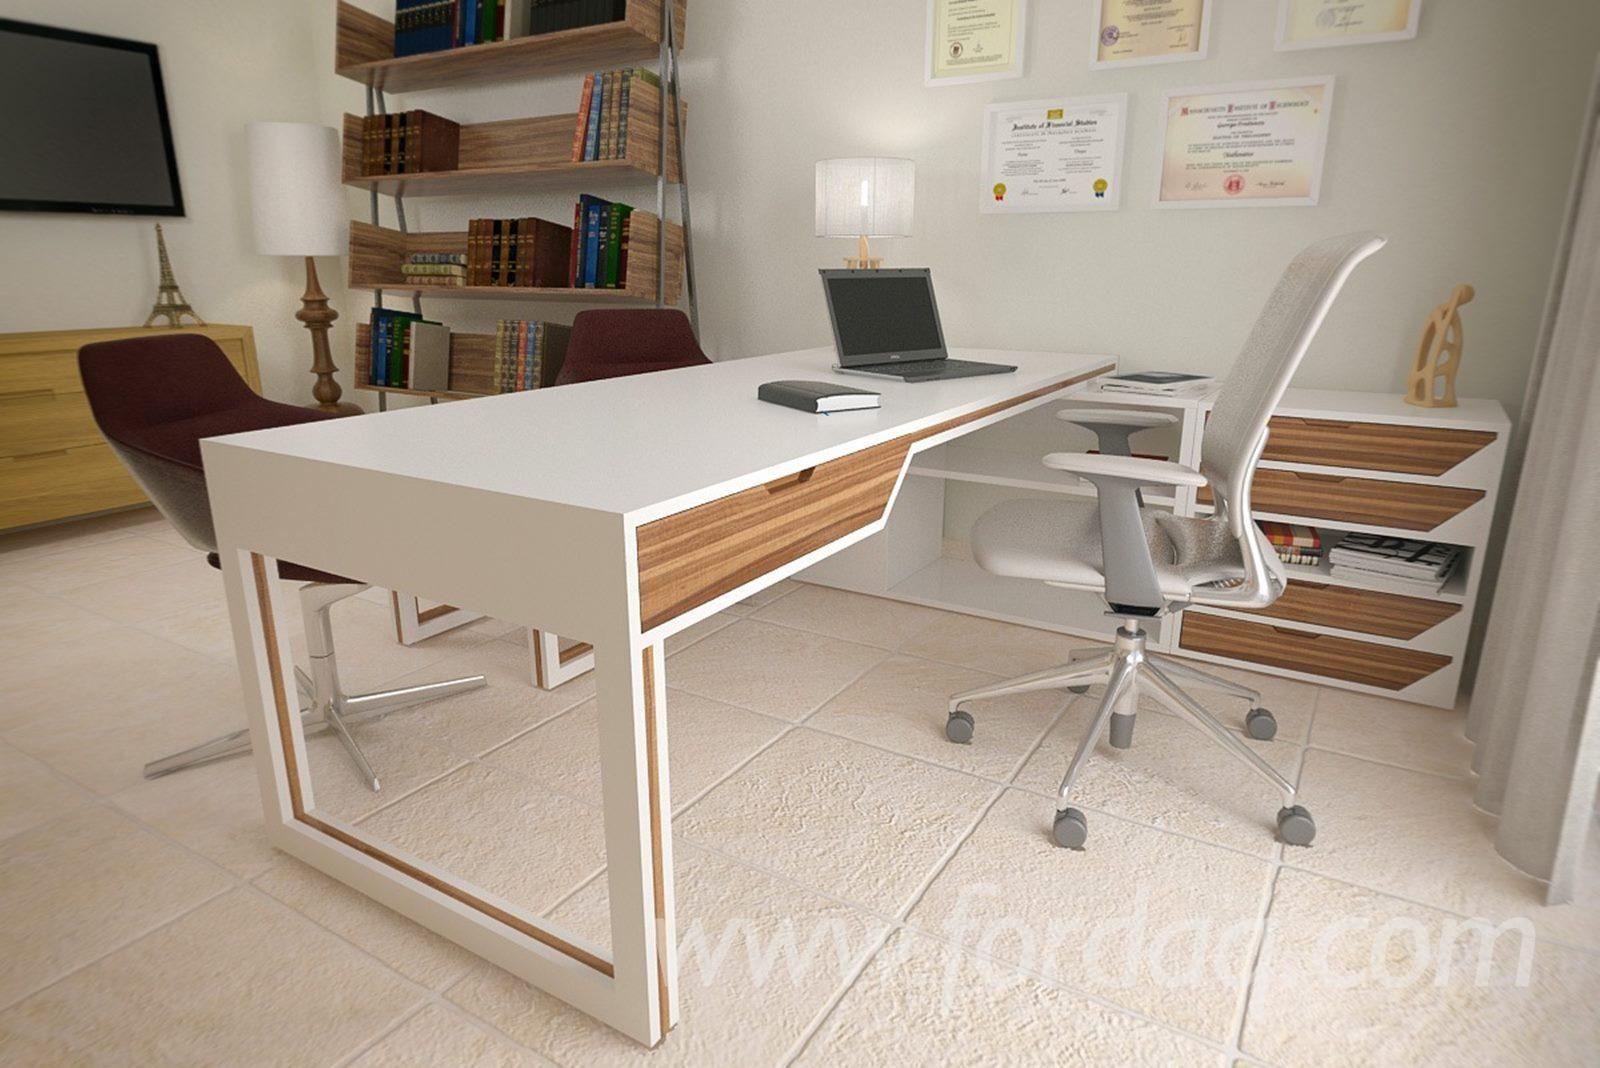 Vend Bureaux Design Autres Matieres Panneau Mdf Panneaux De Particules Agglomere Office Furniture Design Furniture Design Bureau Design